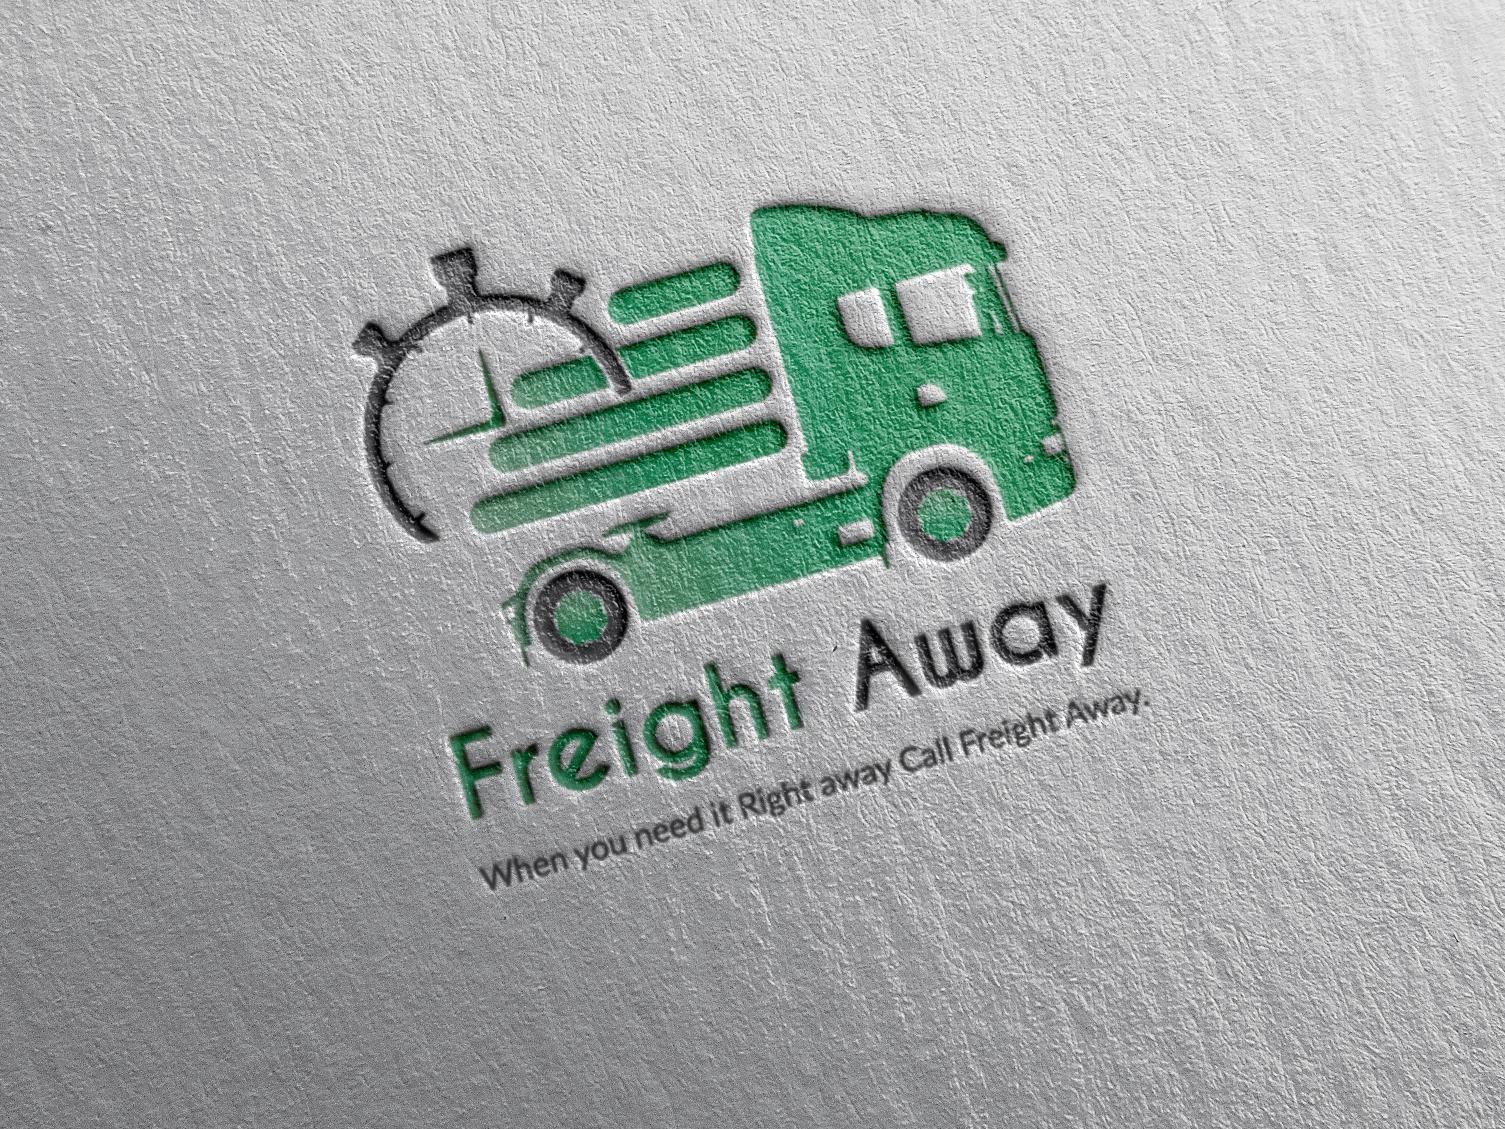 Freight Away Logo design icon logo